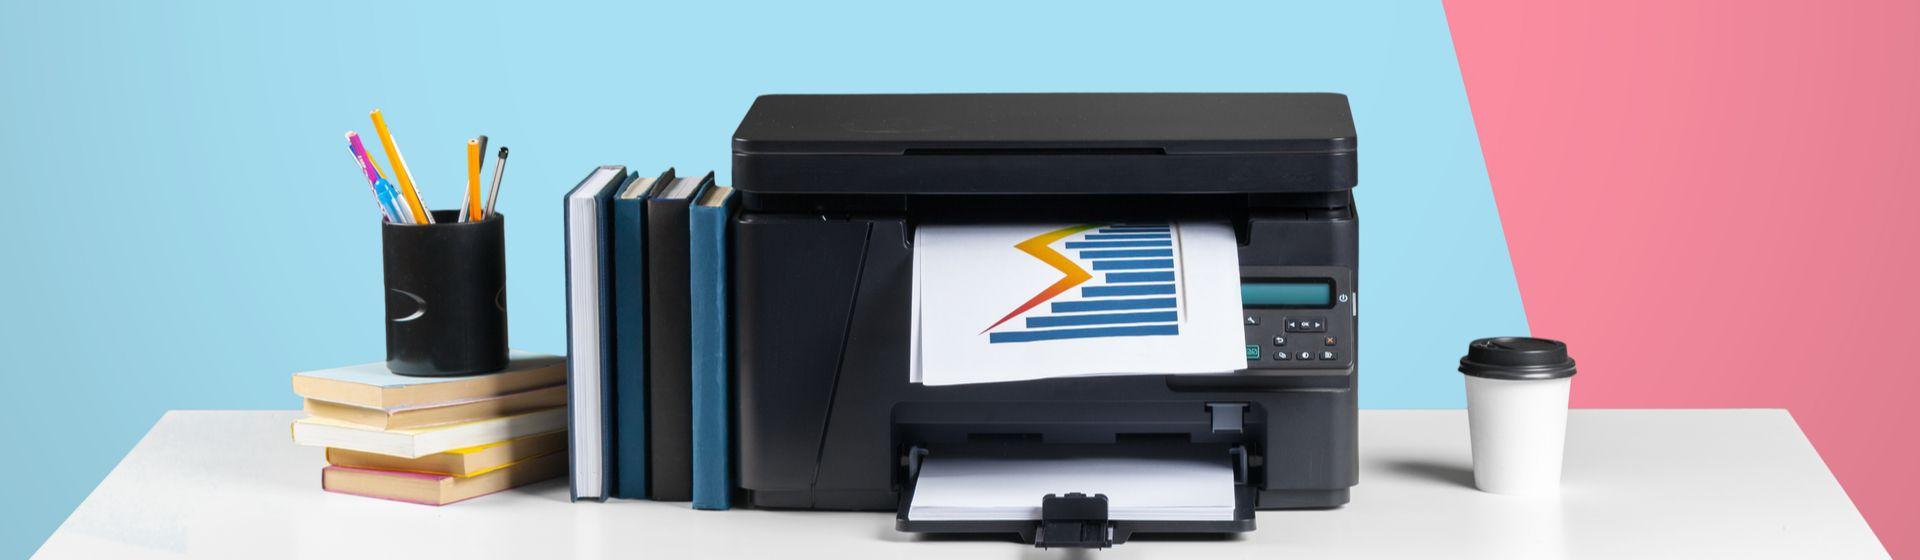 Melhor impressora wi-fi em 2021: 10 modelos de vários preços